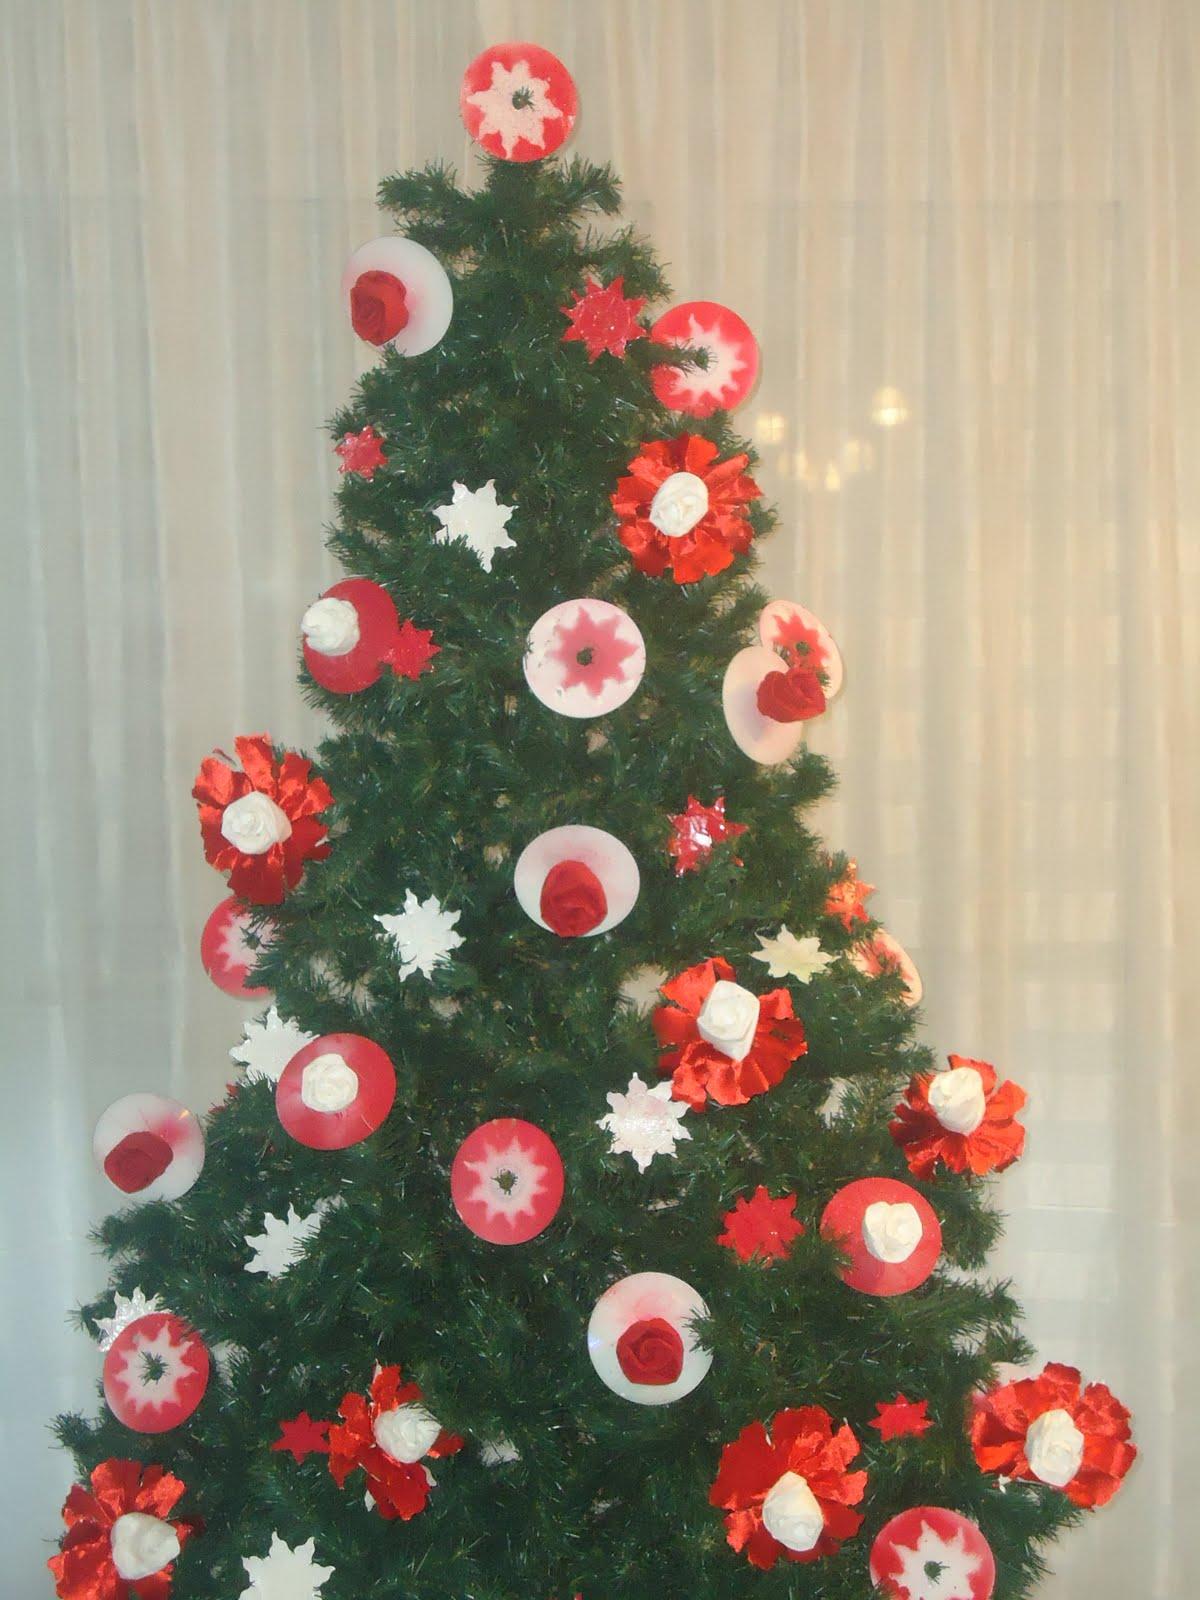 Manualidades y decoraci n arbol navidad con cd i flores - Manualidades de arboles de navidad ...